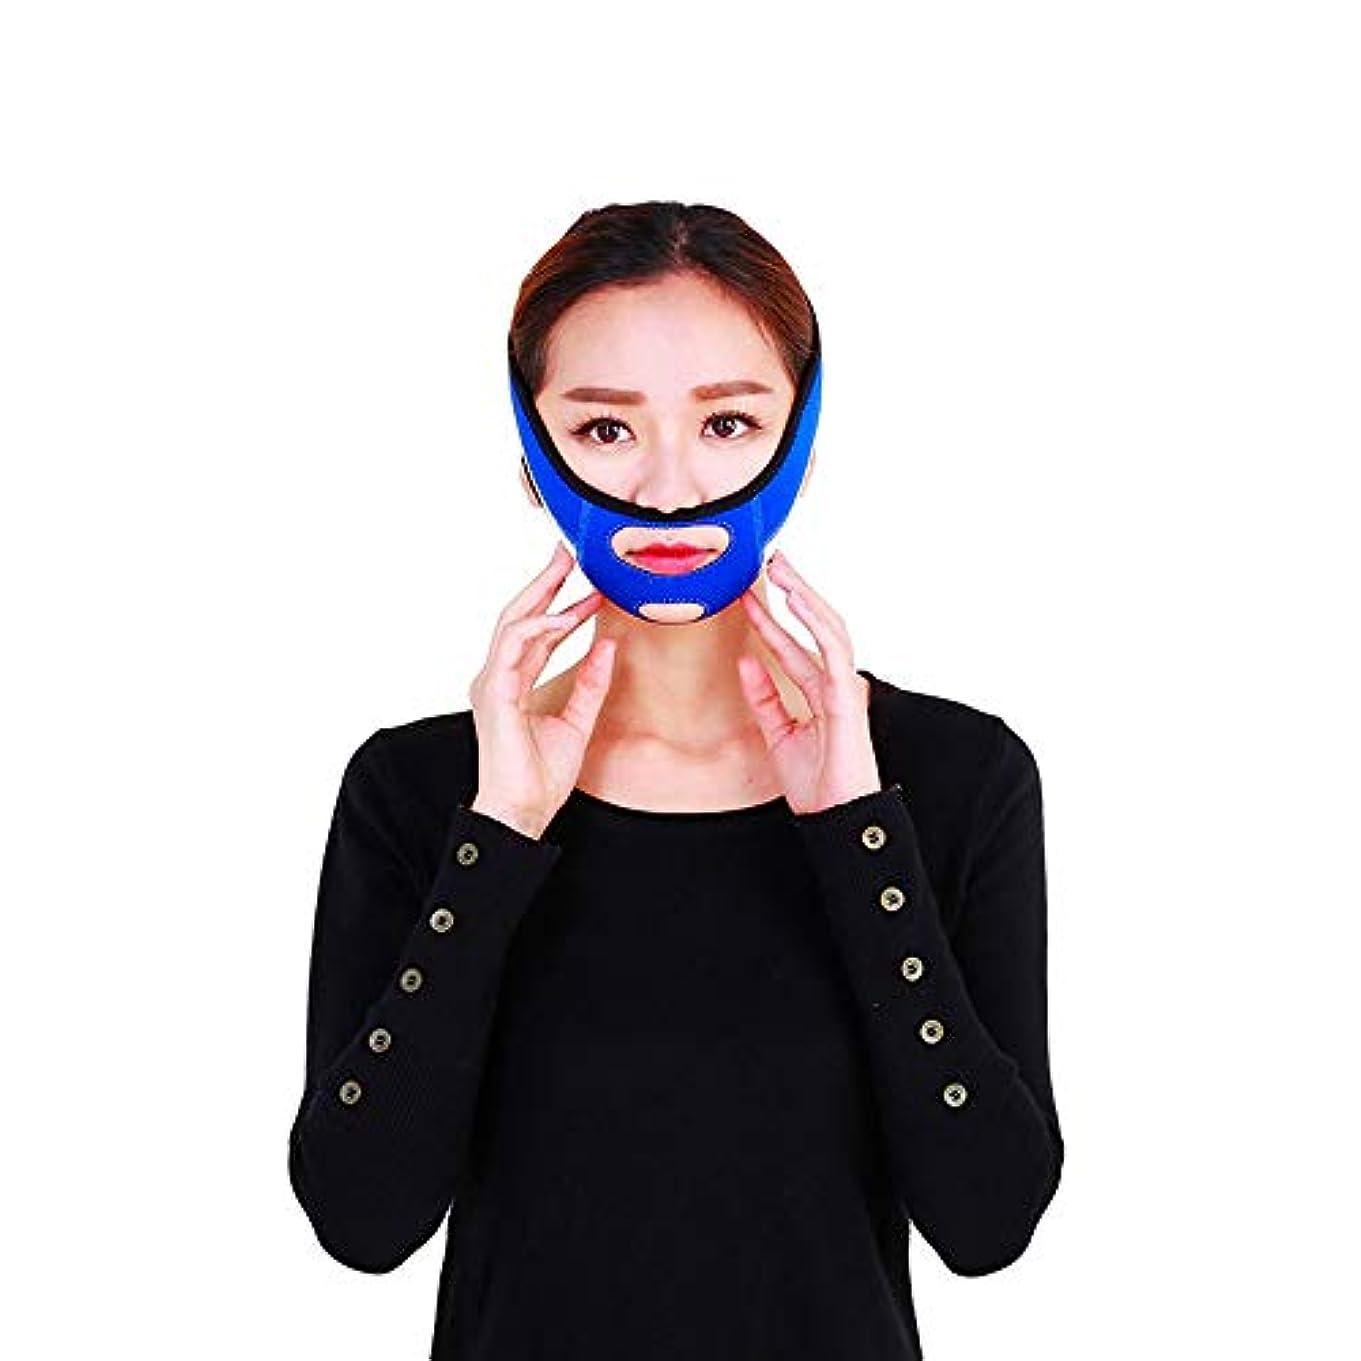 鉱石熱バスケットボールGYZ フェイシャルリフティング痩身ベルトフェーススリム二重あごを取り除くアンチエイジングリンクルフェイス包帯マスク整形マスクが顔を引き締める Thin Face Belt